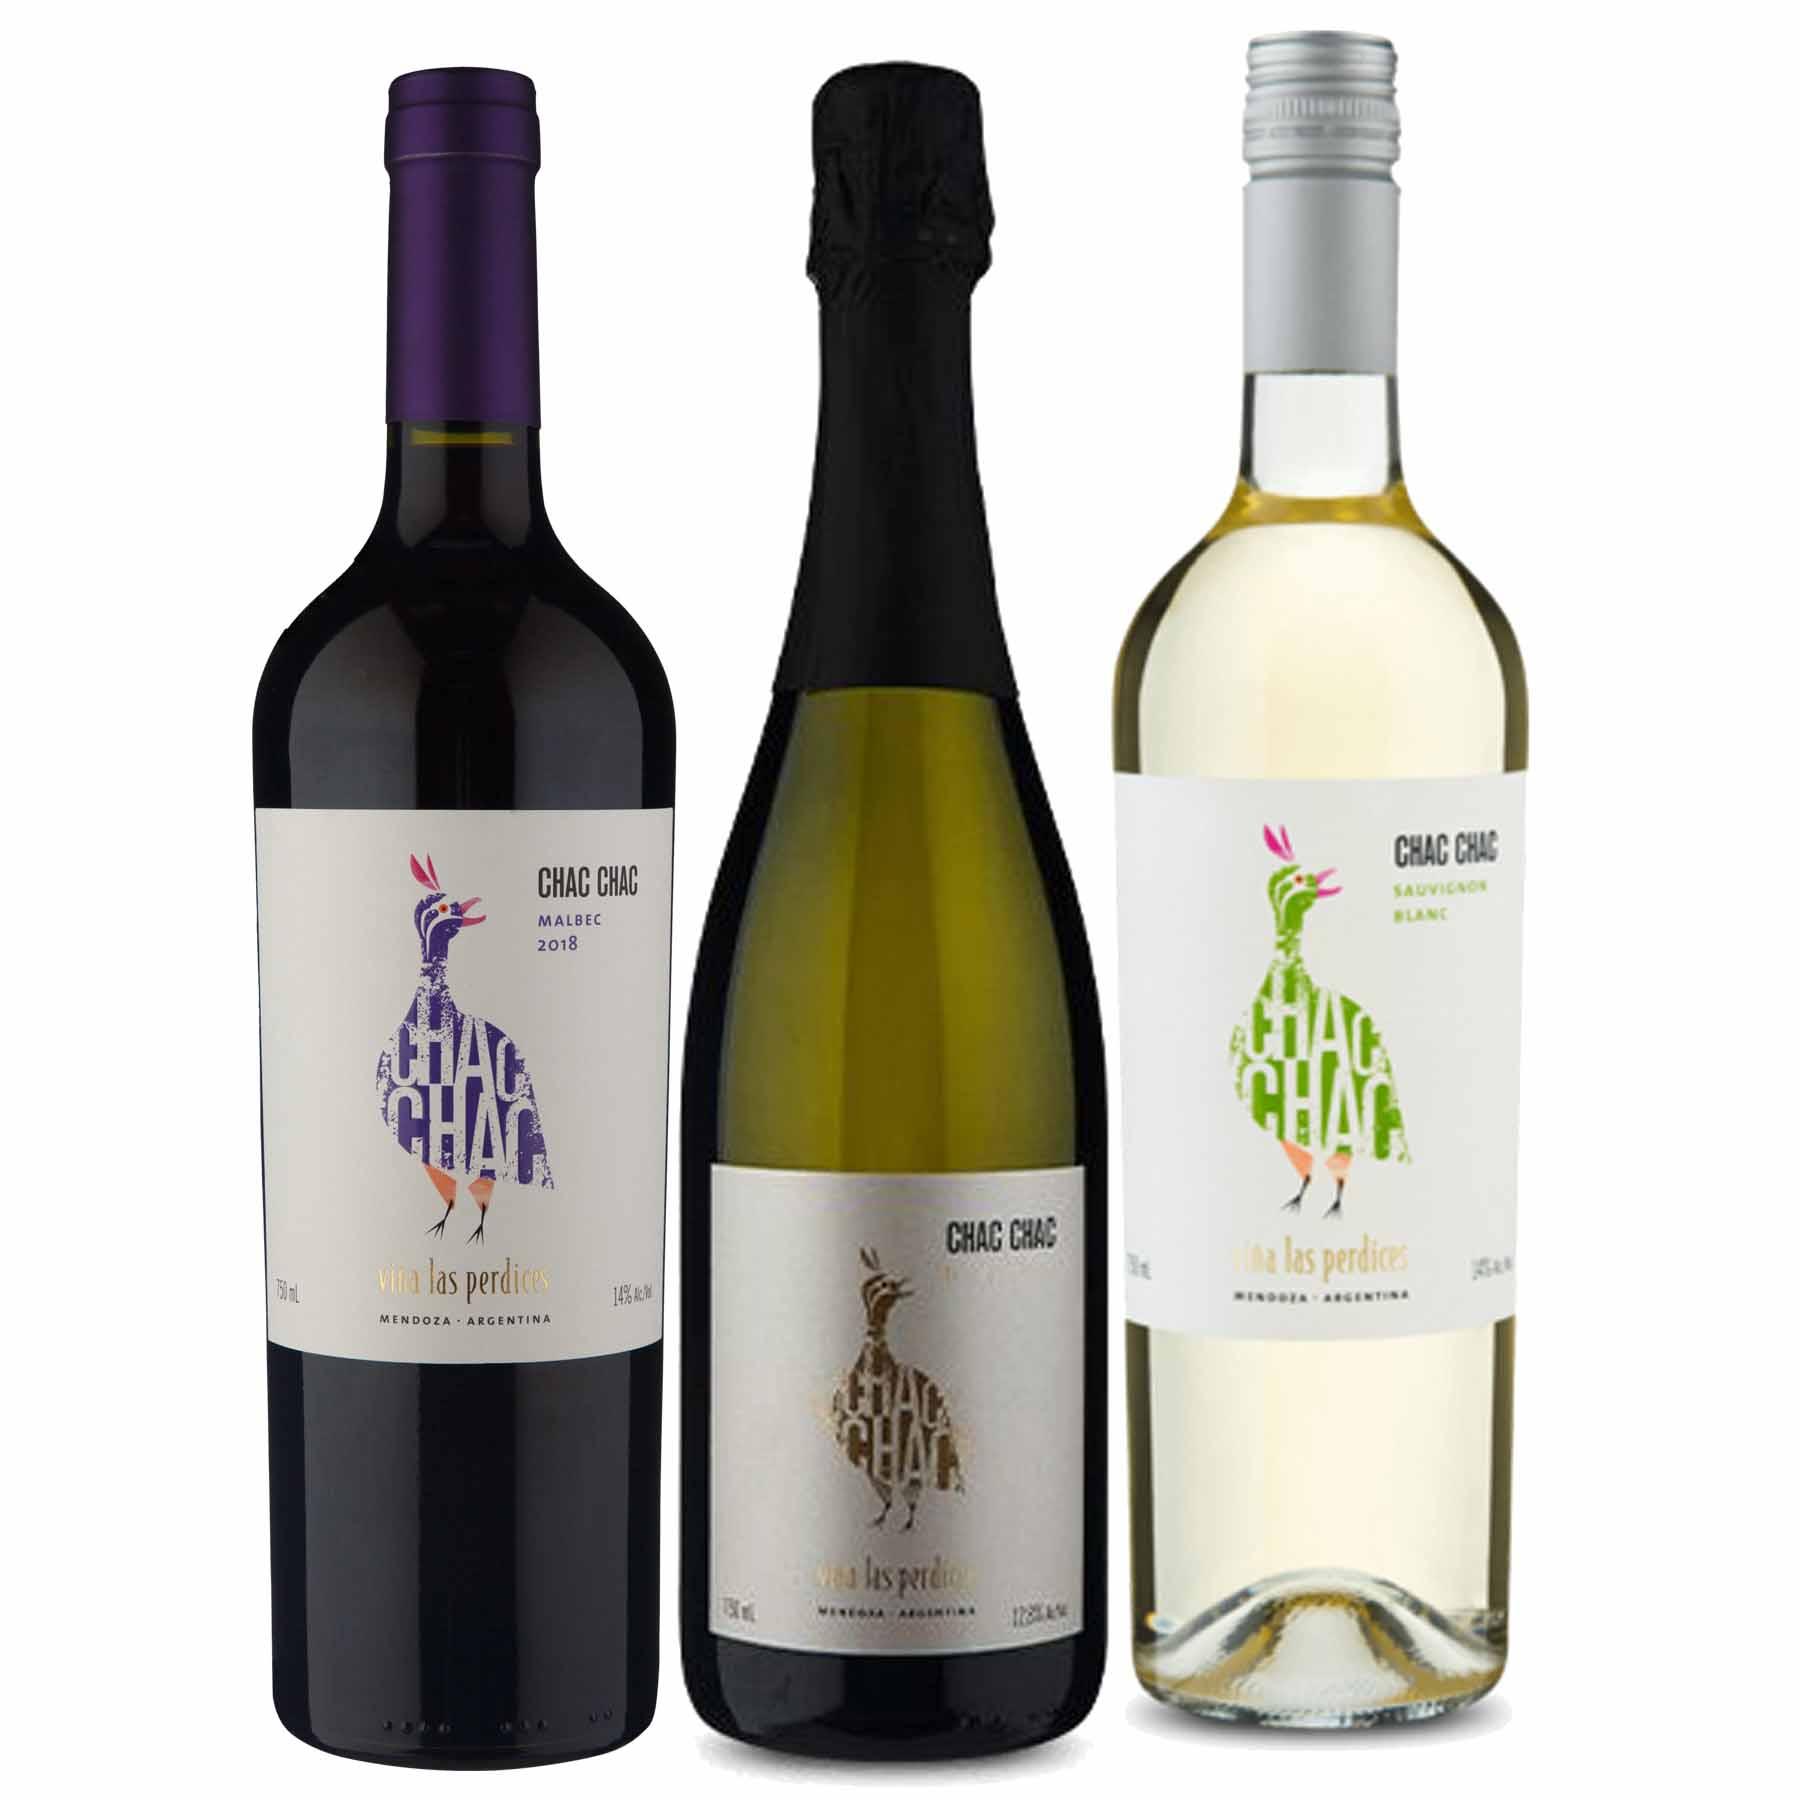 Kit 3x Vinho Tinto Argentino ChacChac Tinto/Branco/Espumante